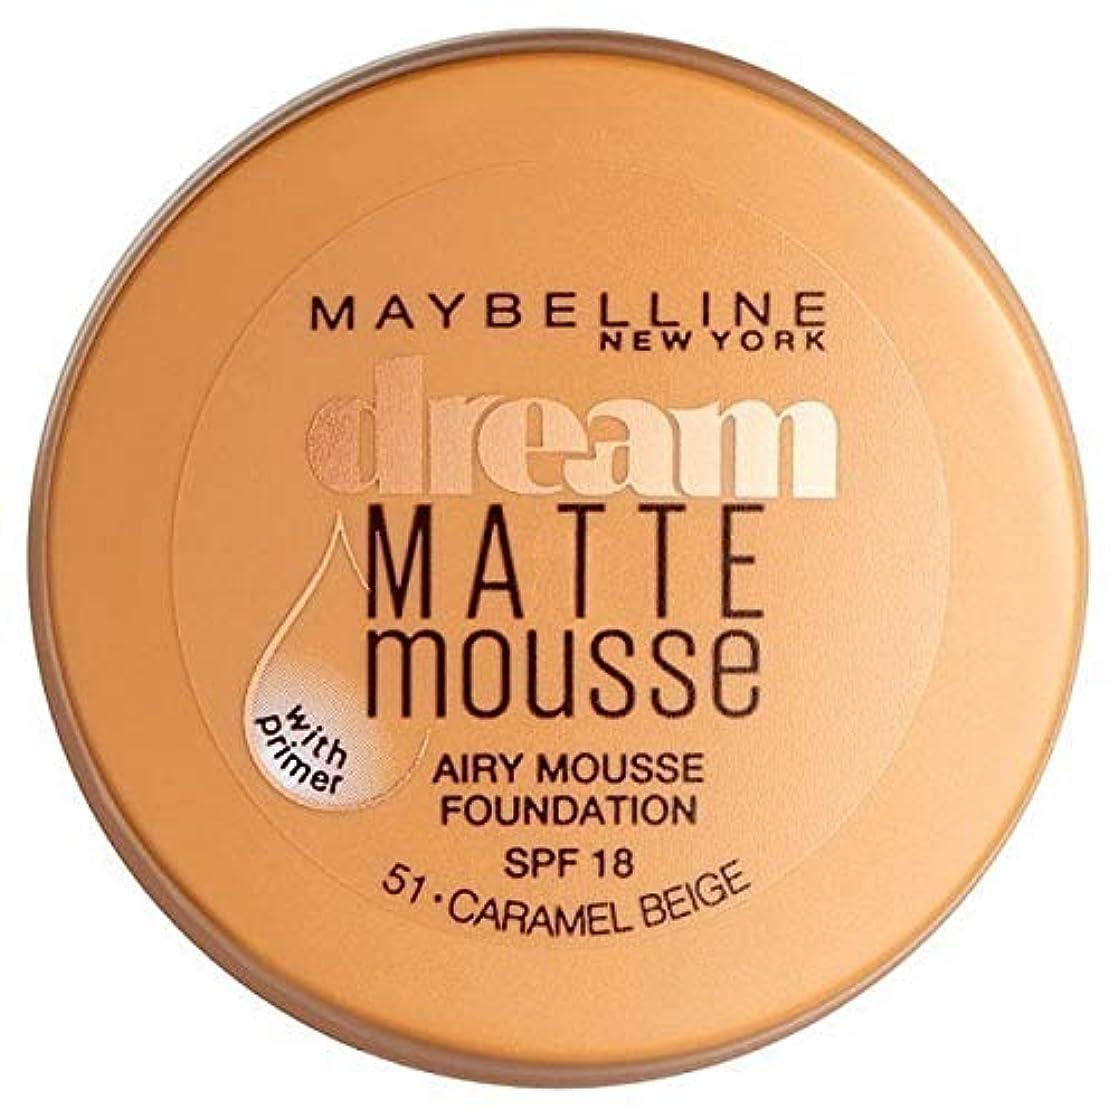 政令雪だるまを作る書く[Maybelline ] メイベリン夢のマットムース基盤051キャラメルベージュ - Maybelline Dream Matte Mousse Foundation 051 Caramel Beige [並行輸入品]